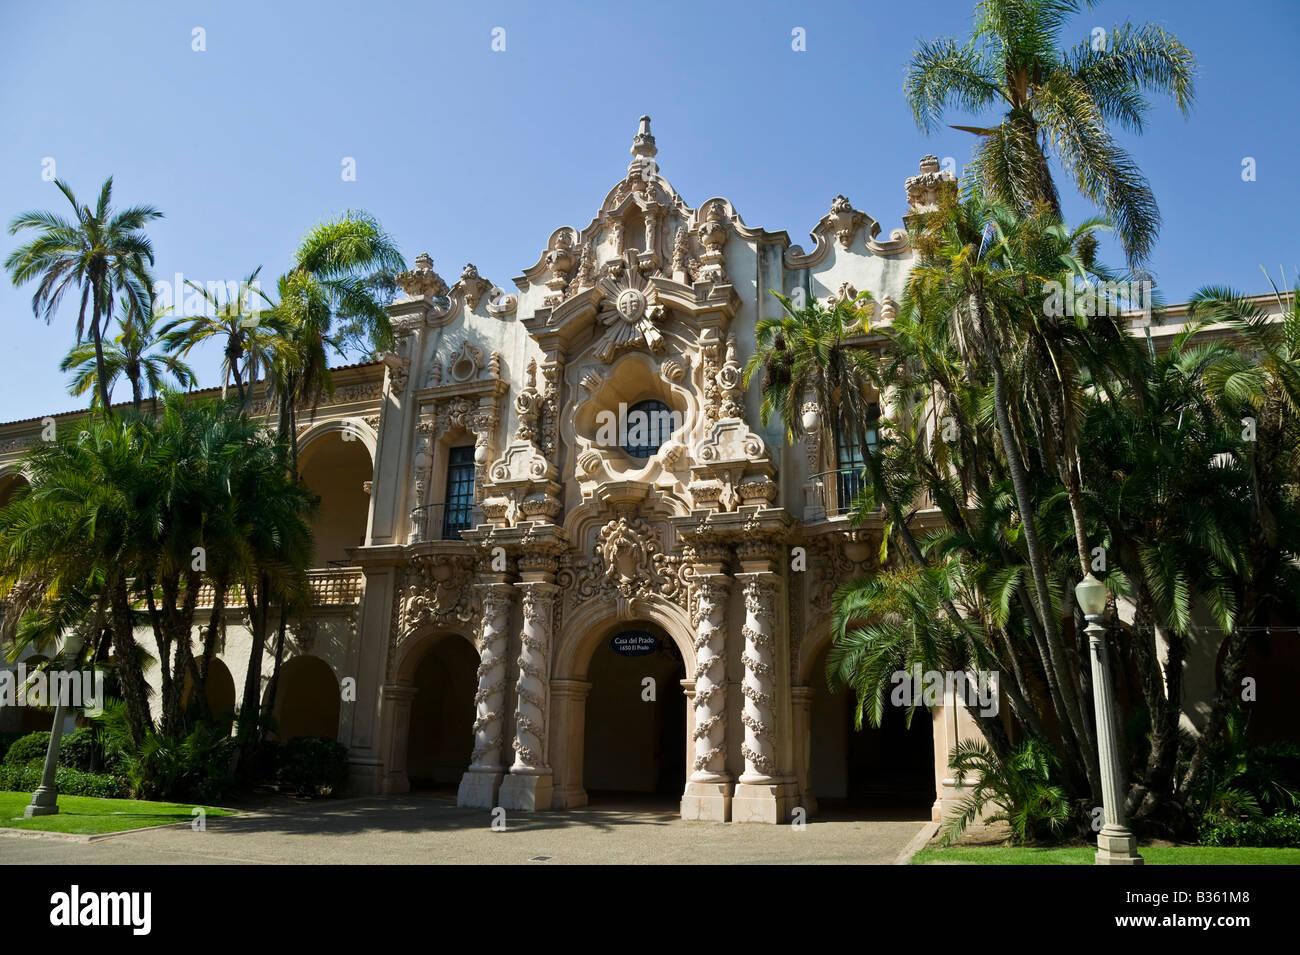 Stone architecture Balboa Park San Diego California USA Stock